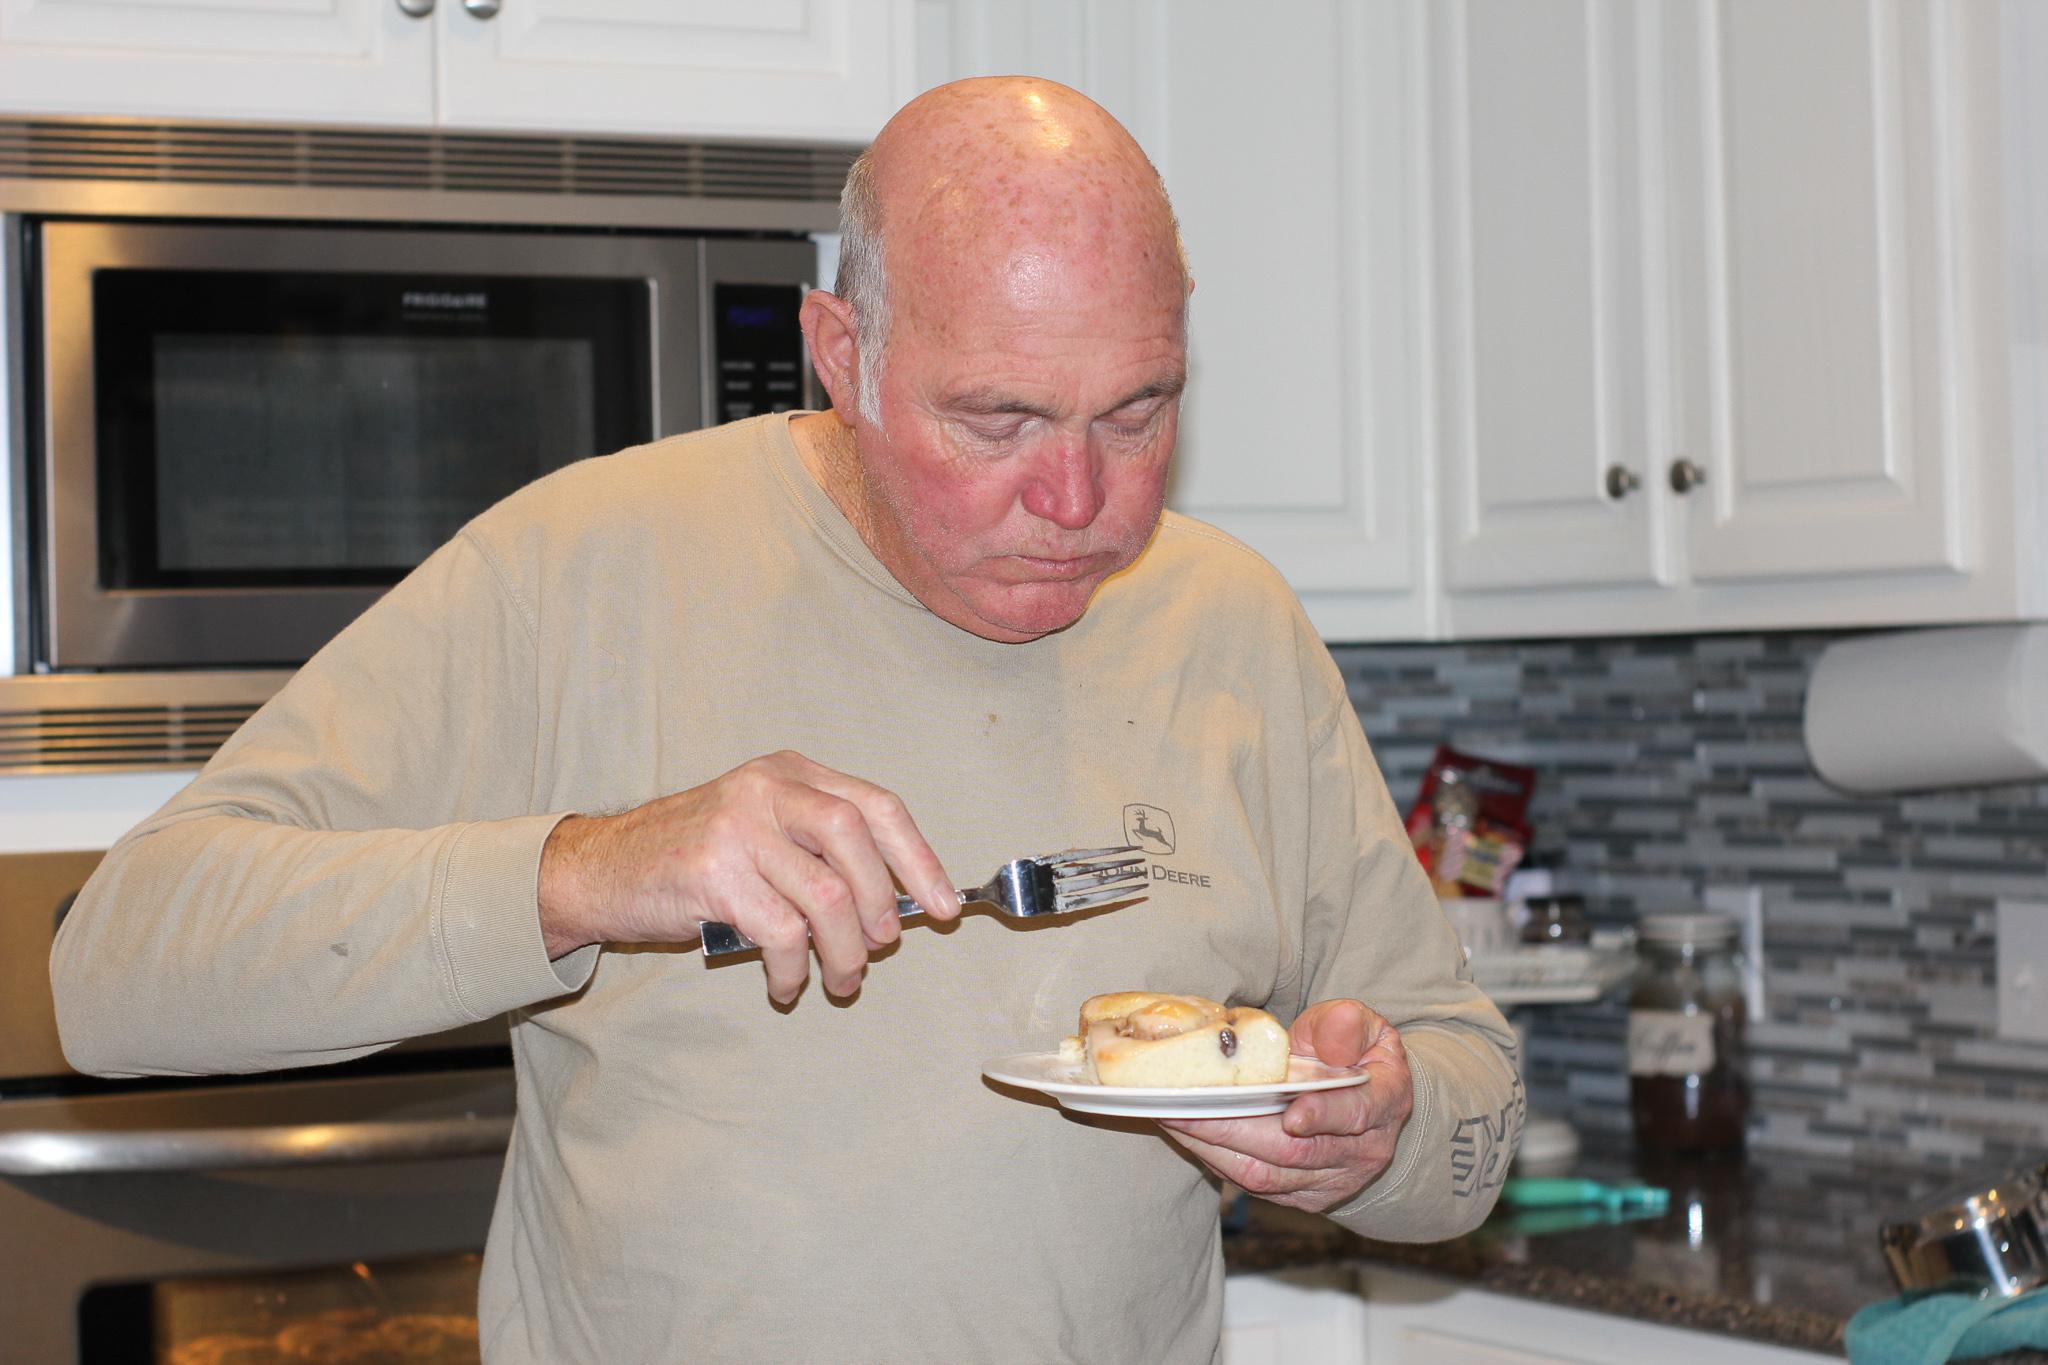 Daddy eating cinnamon rolls